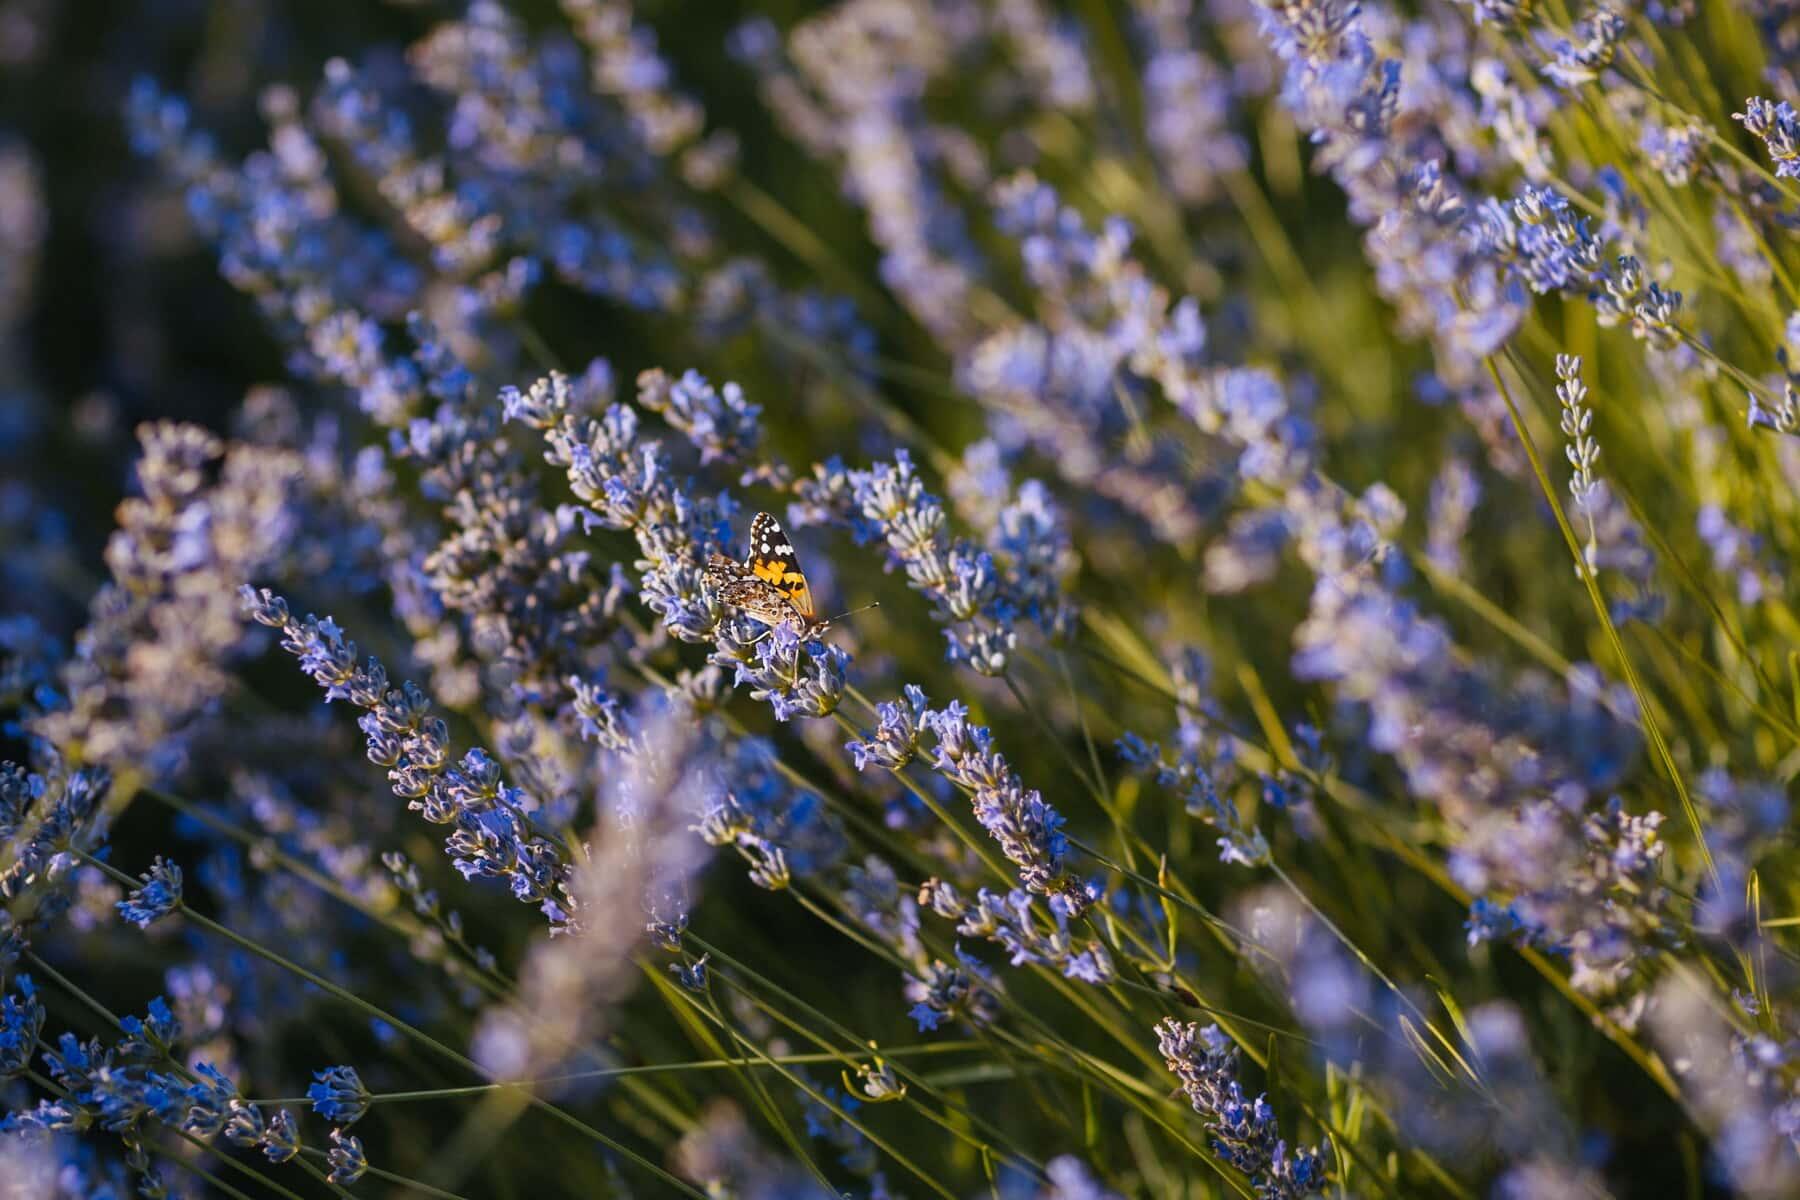 Lavendel, Schmetterling, Feld, Blumengarten, Natur, Blume, Anlage, blühen, Garten, im freien